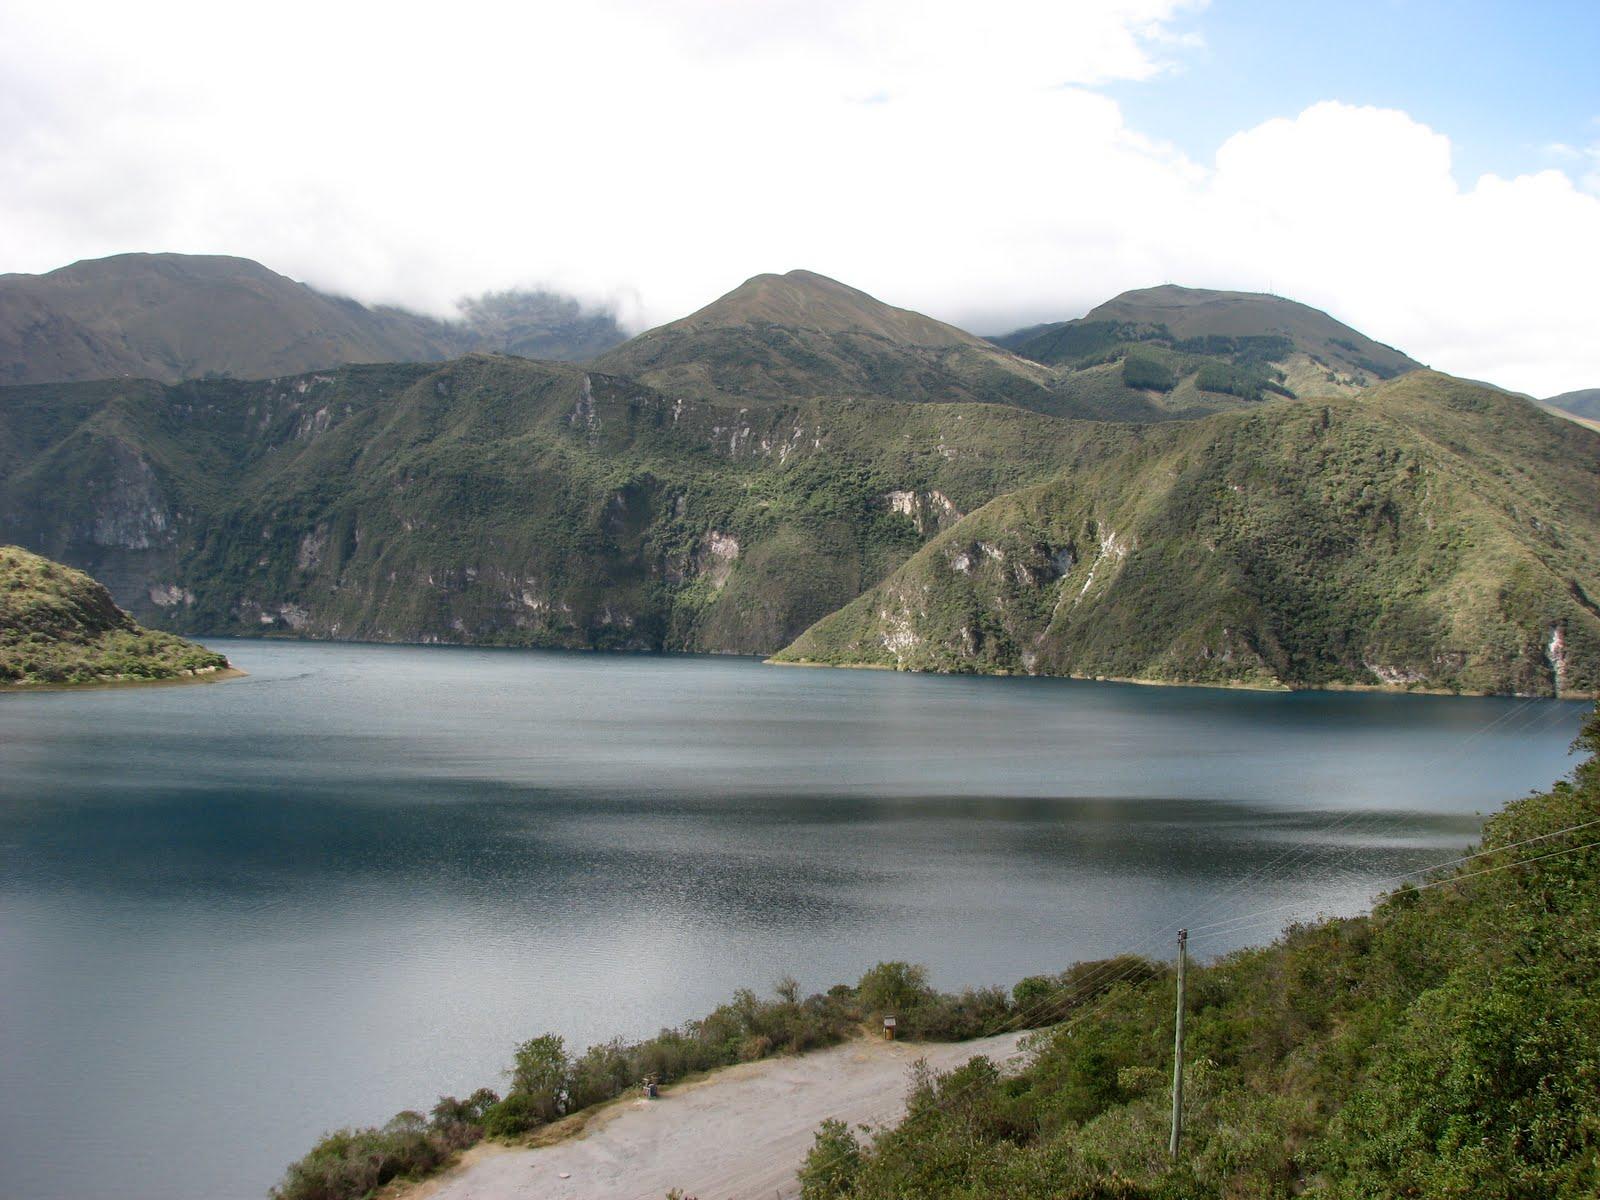 Ecuador 2010 Cuicocha The Crater Lake